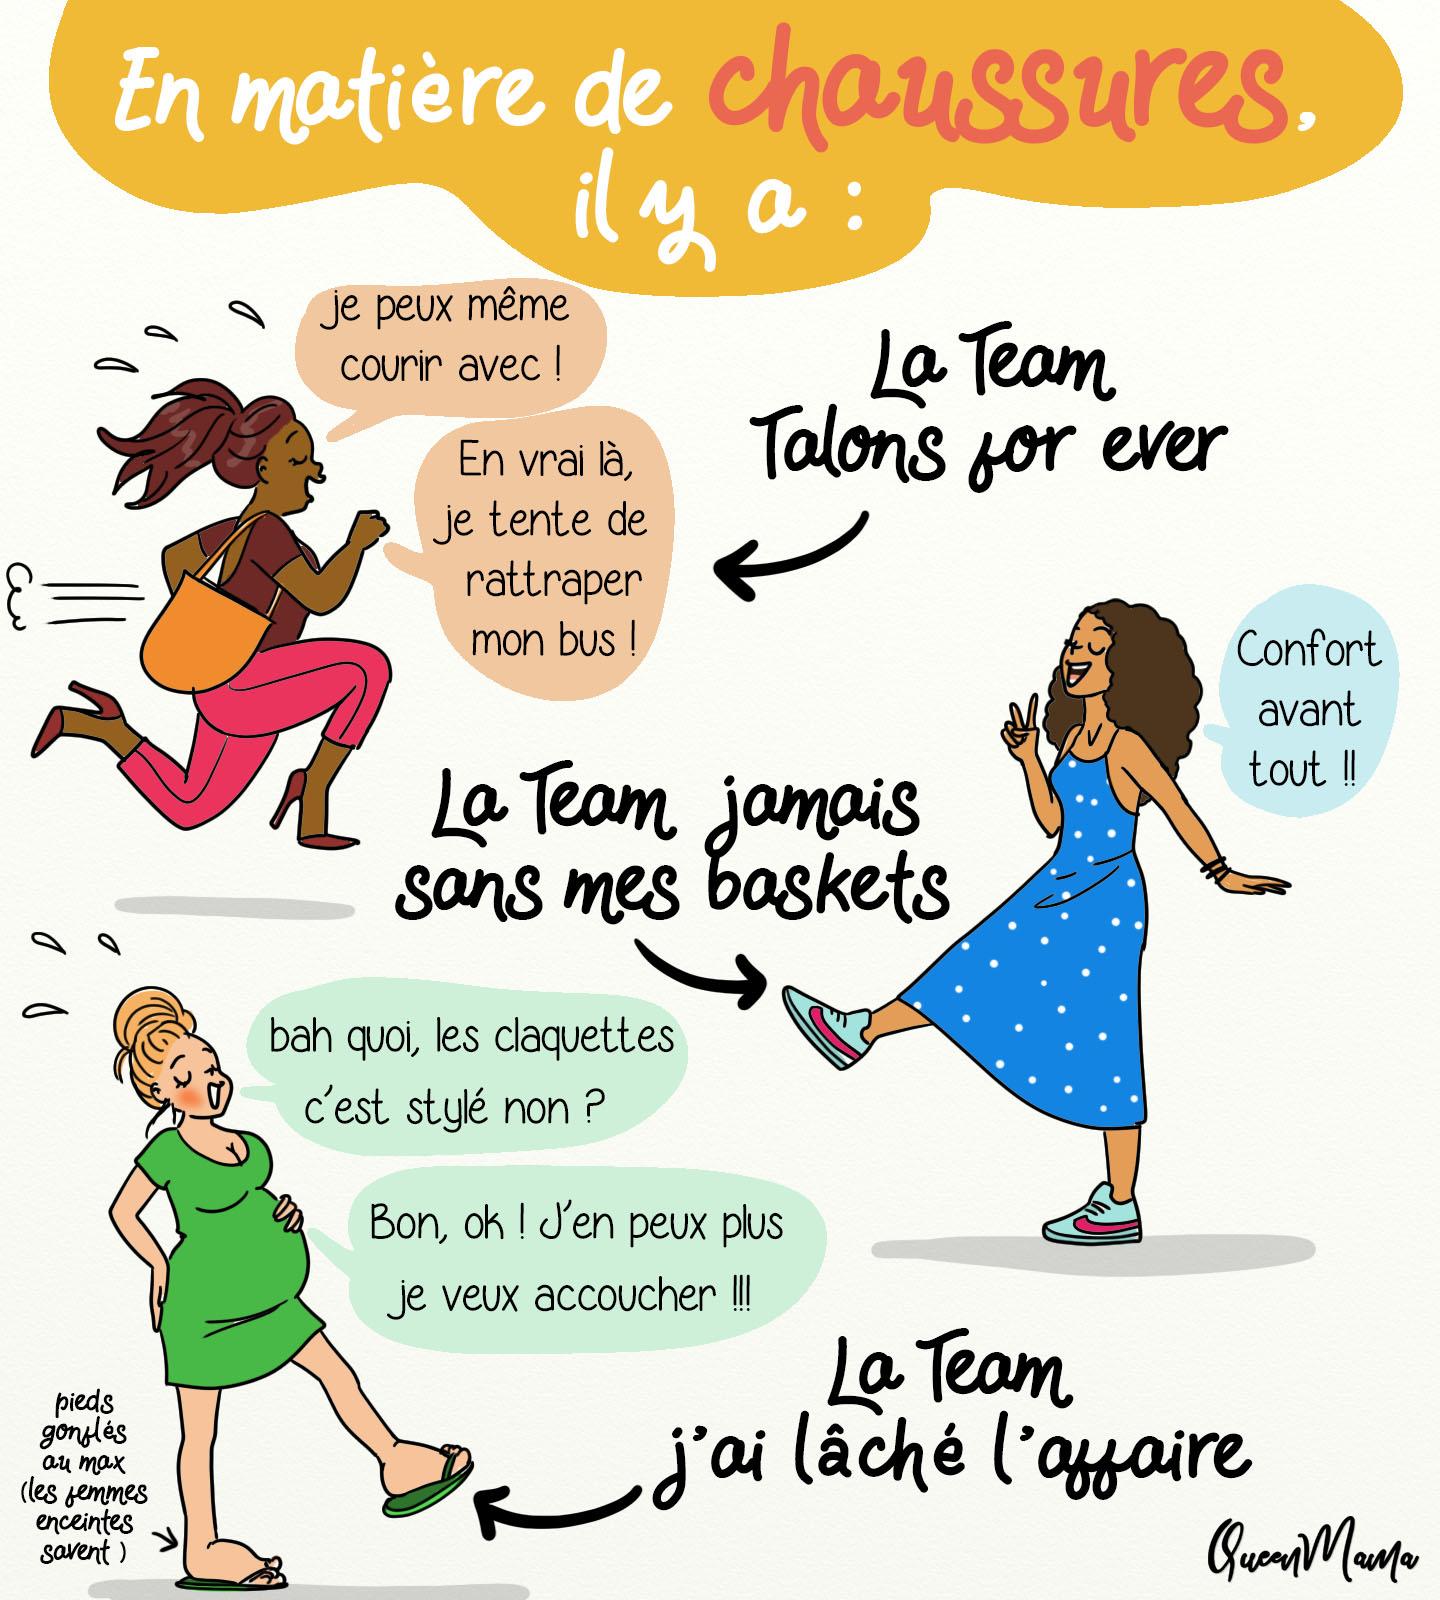 femmes, chaussures, illustration, queenmama, baskets, chaussures à talon; femme enceinte,, rétention d'eau, tongs